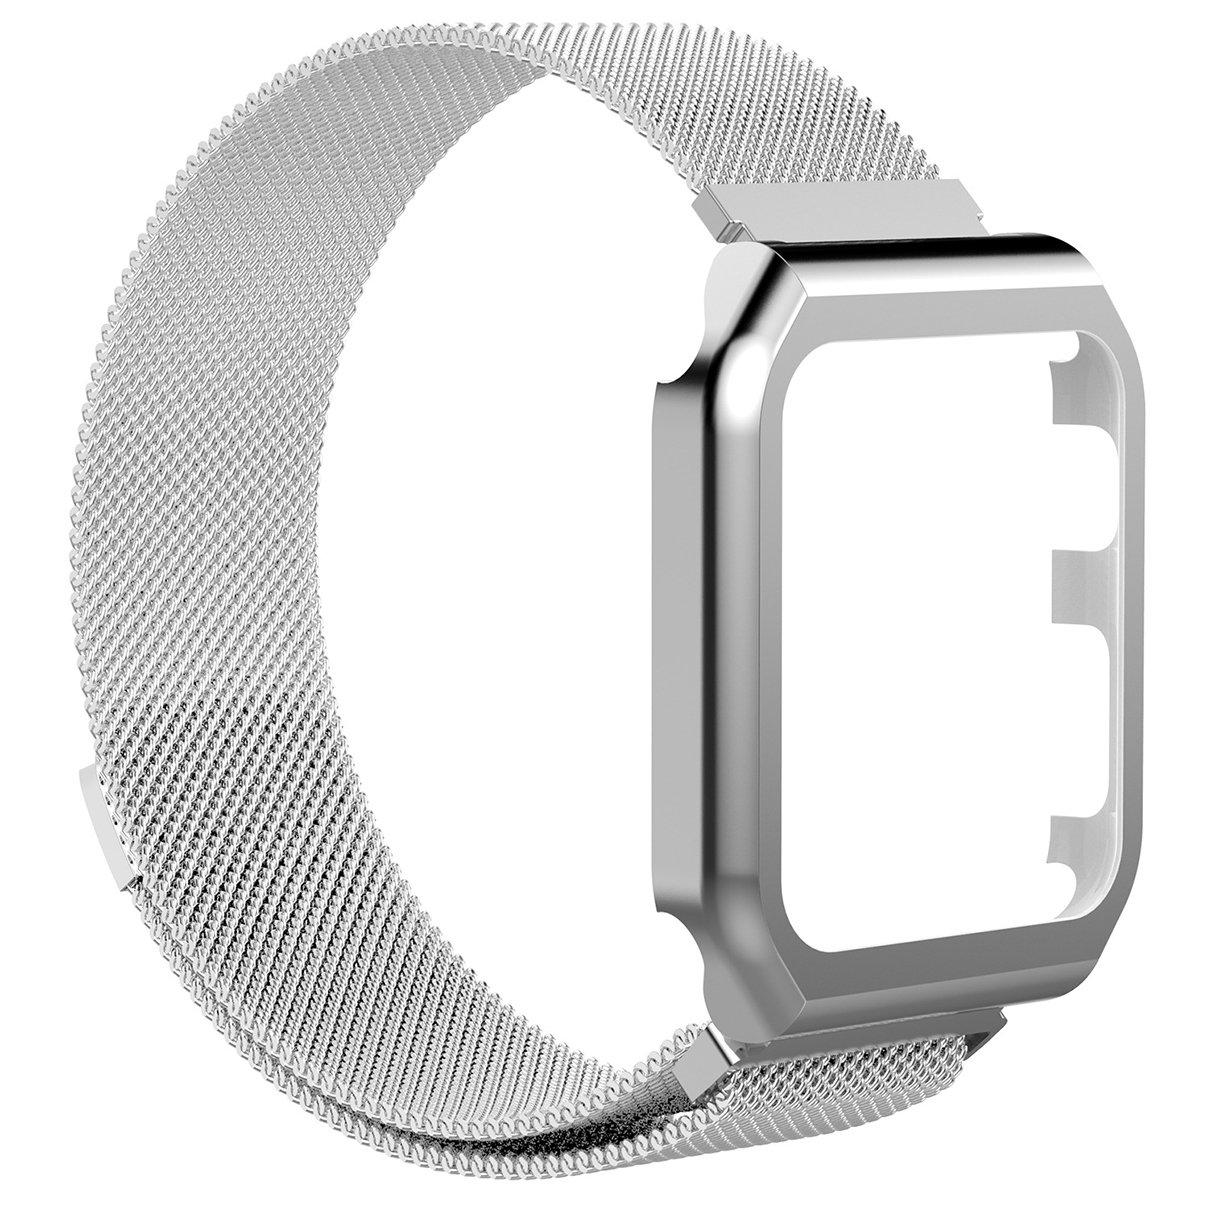 納得できる割引 superfls用時計バンドiWatch 38 38 mm 42 mm , mm Milanese for Loop交換用メタルiWatchバンドiWatchシリーズ3 2 1 B07CGQPCFY シルバー for 42mm iwatch for 42mm iwatch|シルバー, 郵送検査キットセンター:abebdcb7 --- beyonddefeat.com